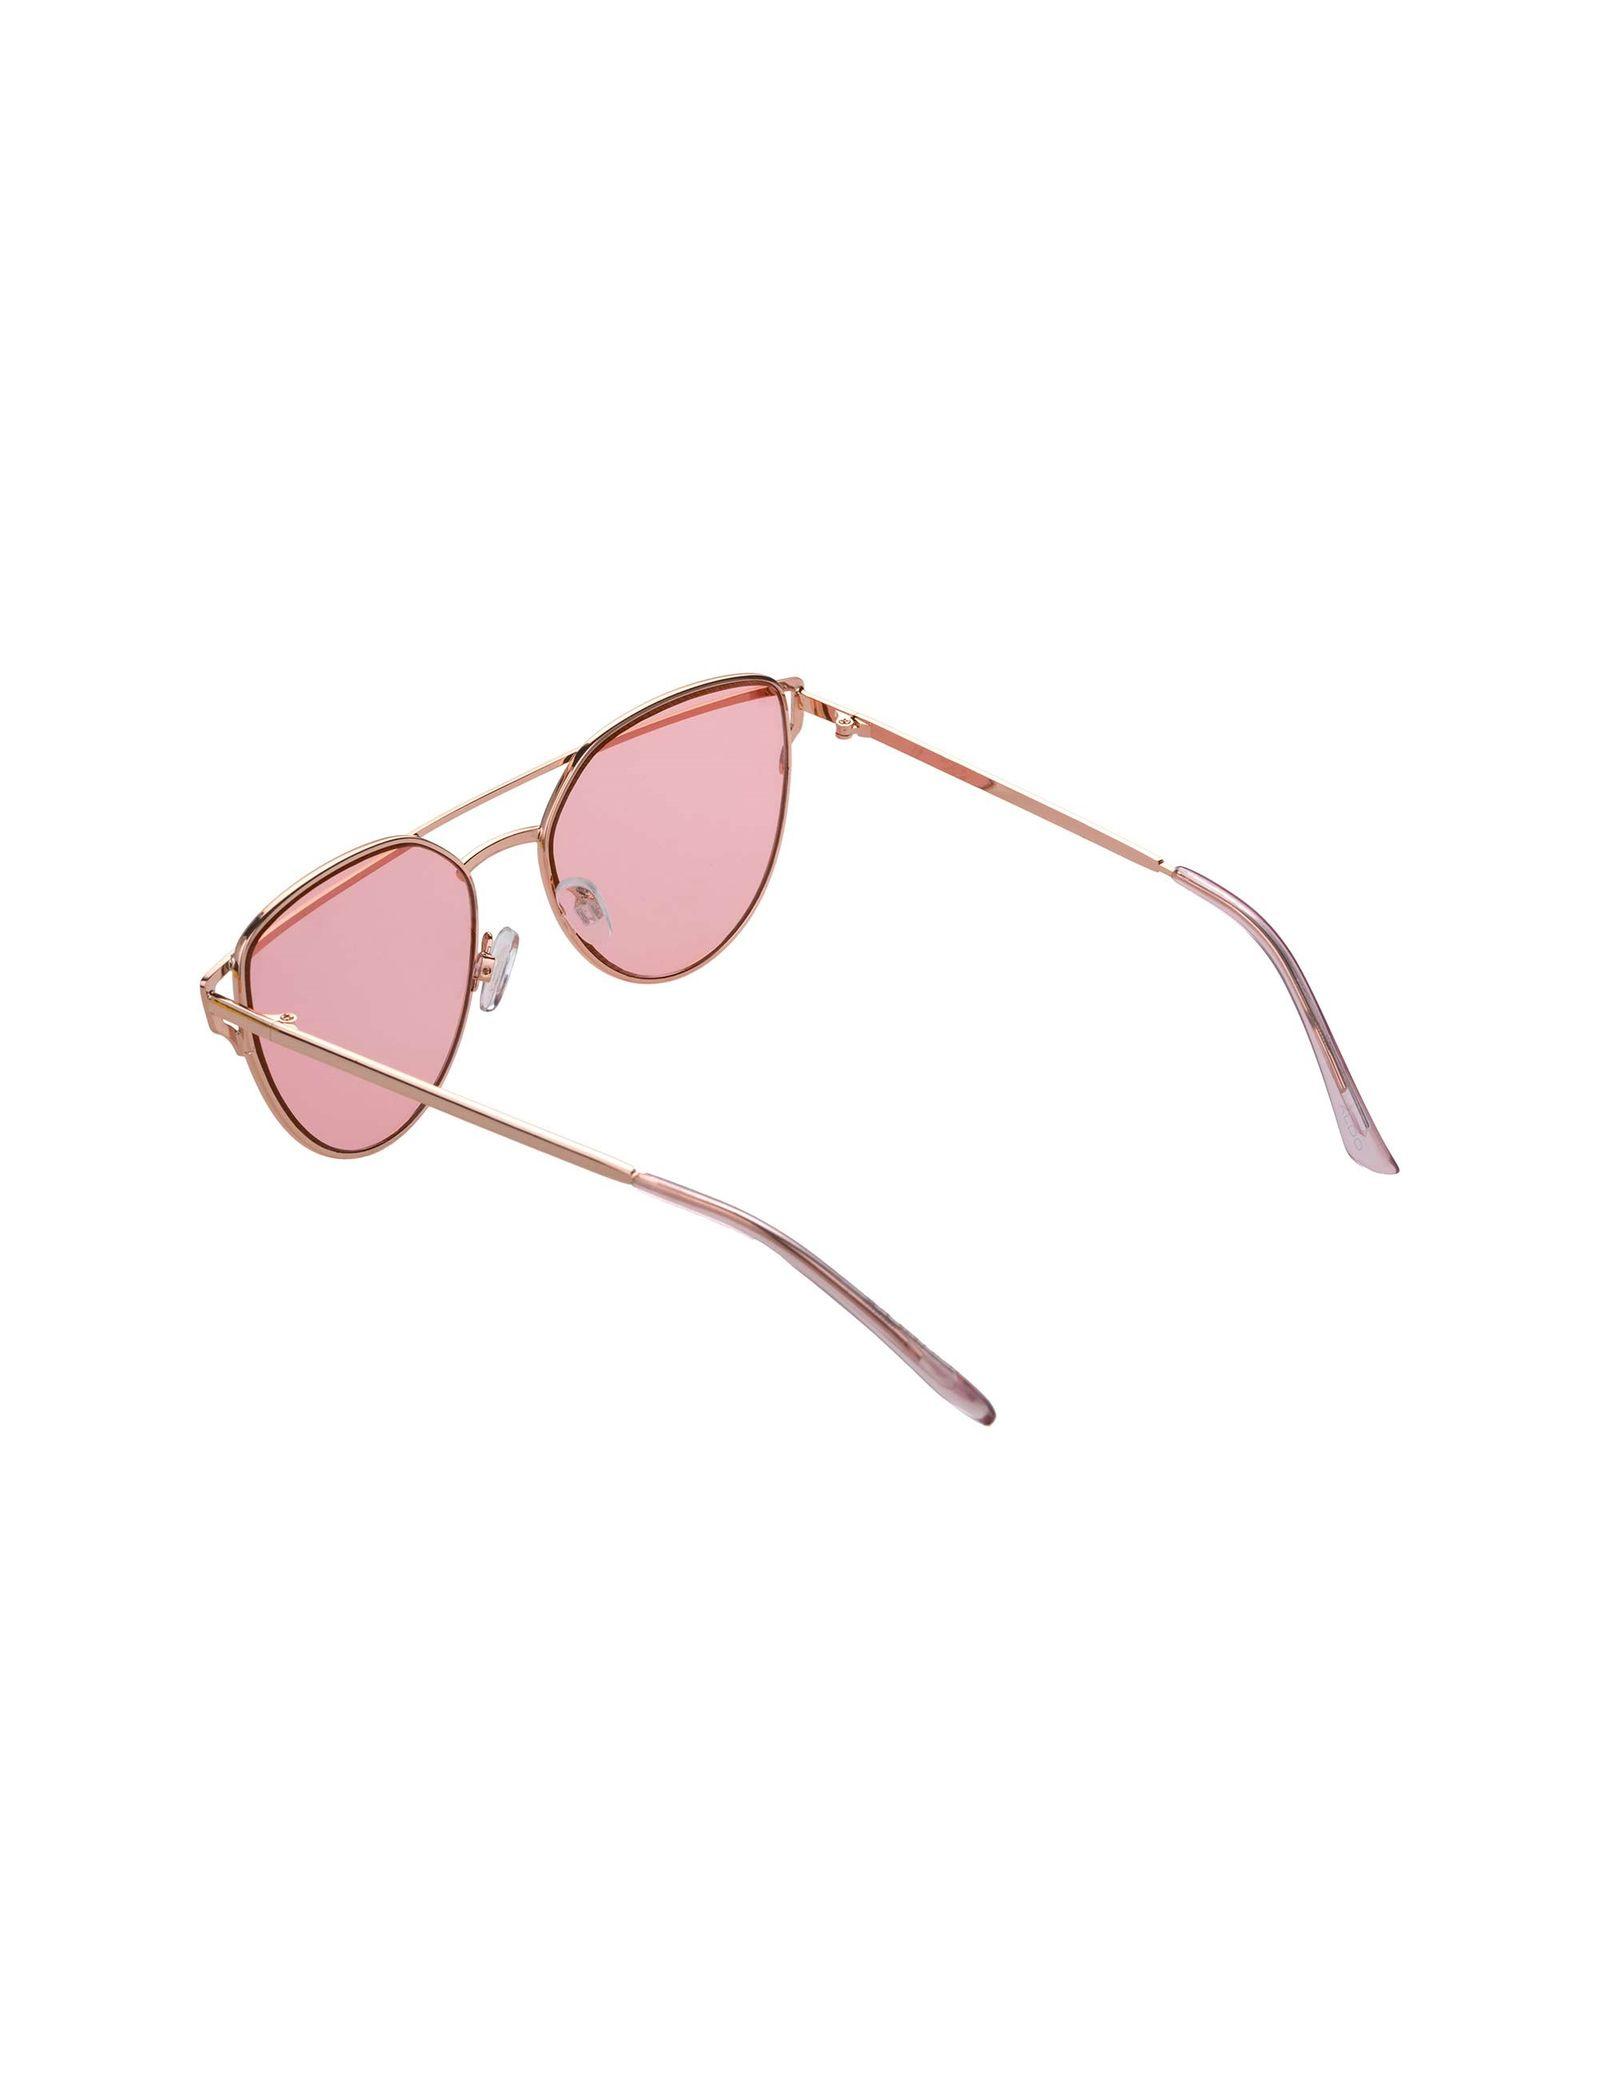 عینک آفتابی گربه ای زنانه - آلدو - طلايي - 4